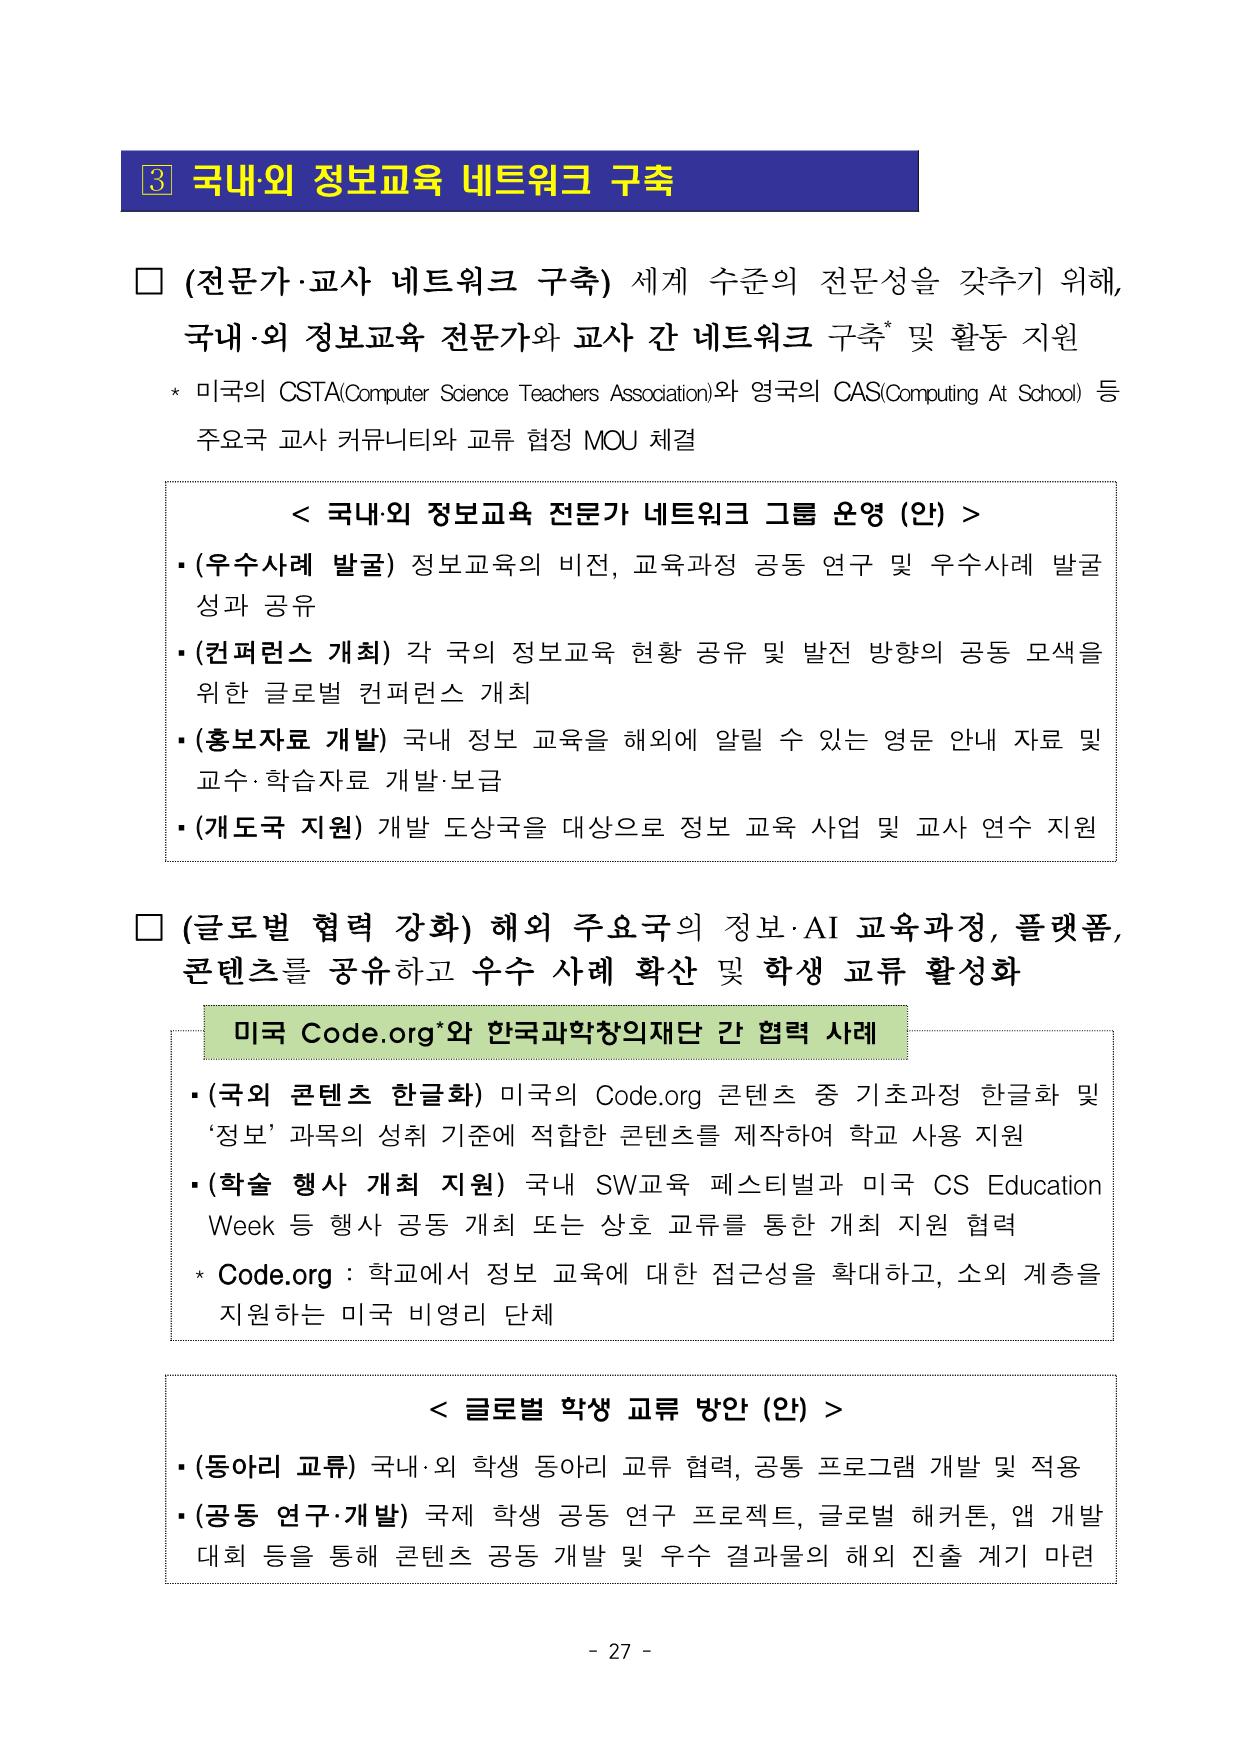 붙임 2-3. 정보교육 종합계획(안)_29.png